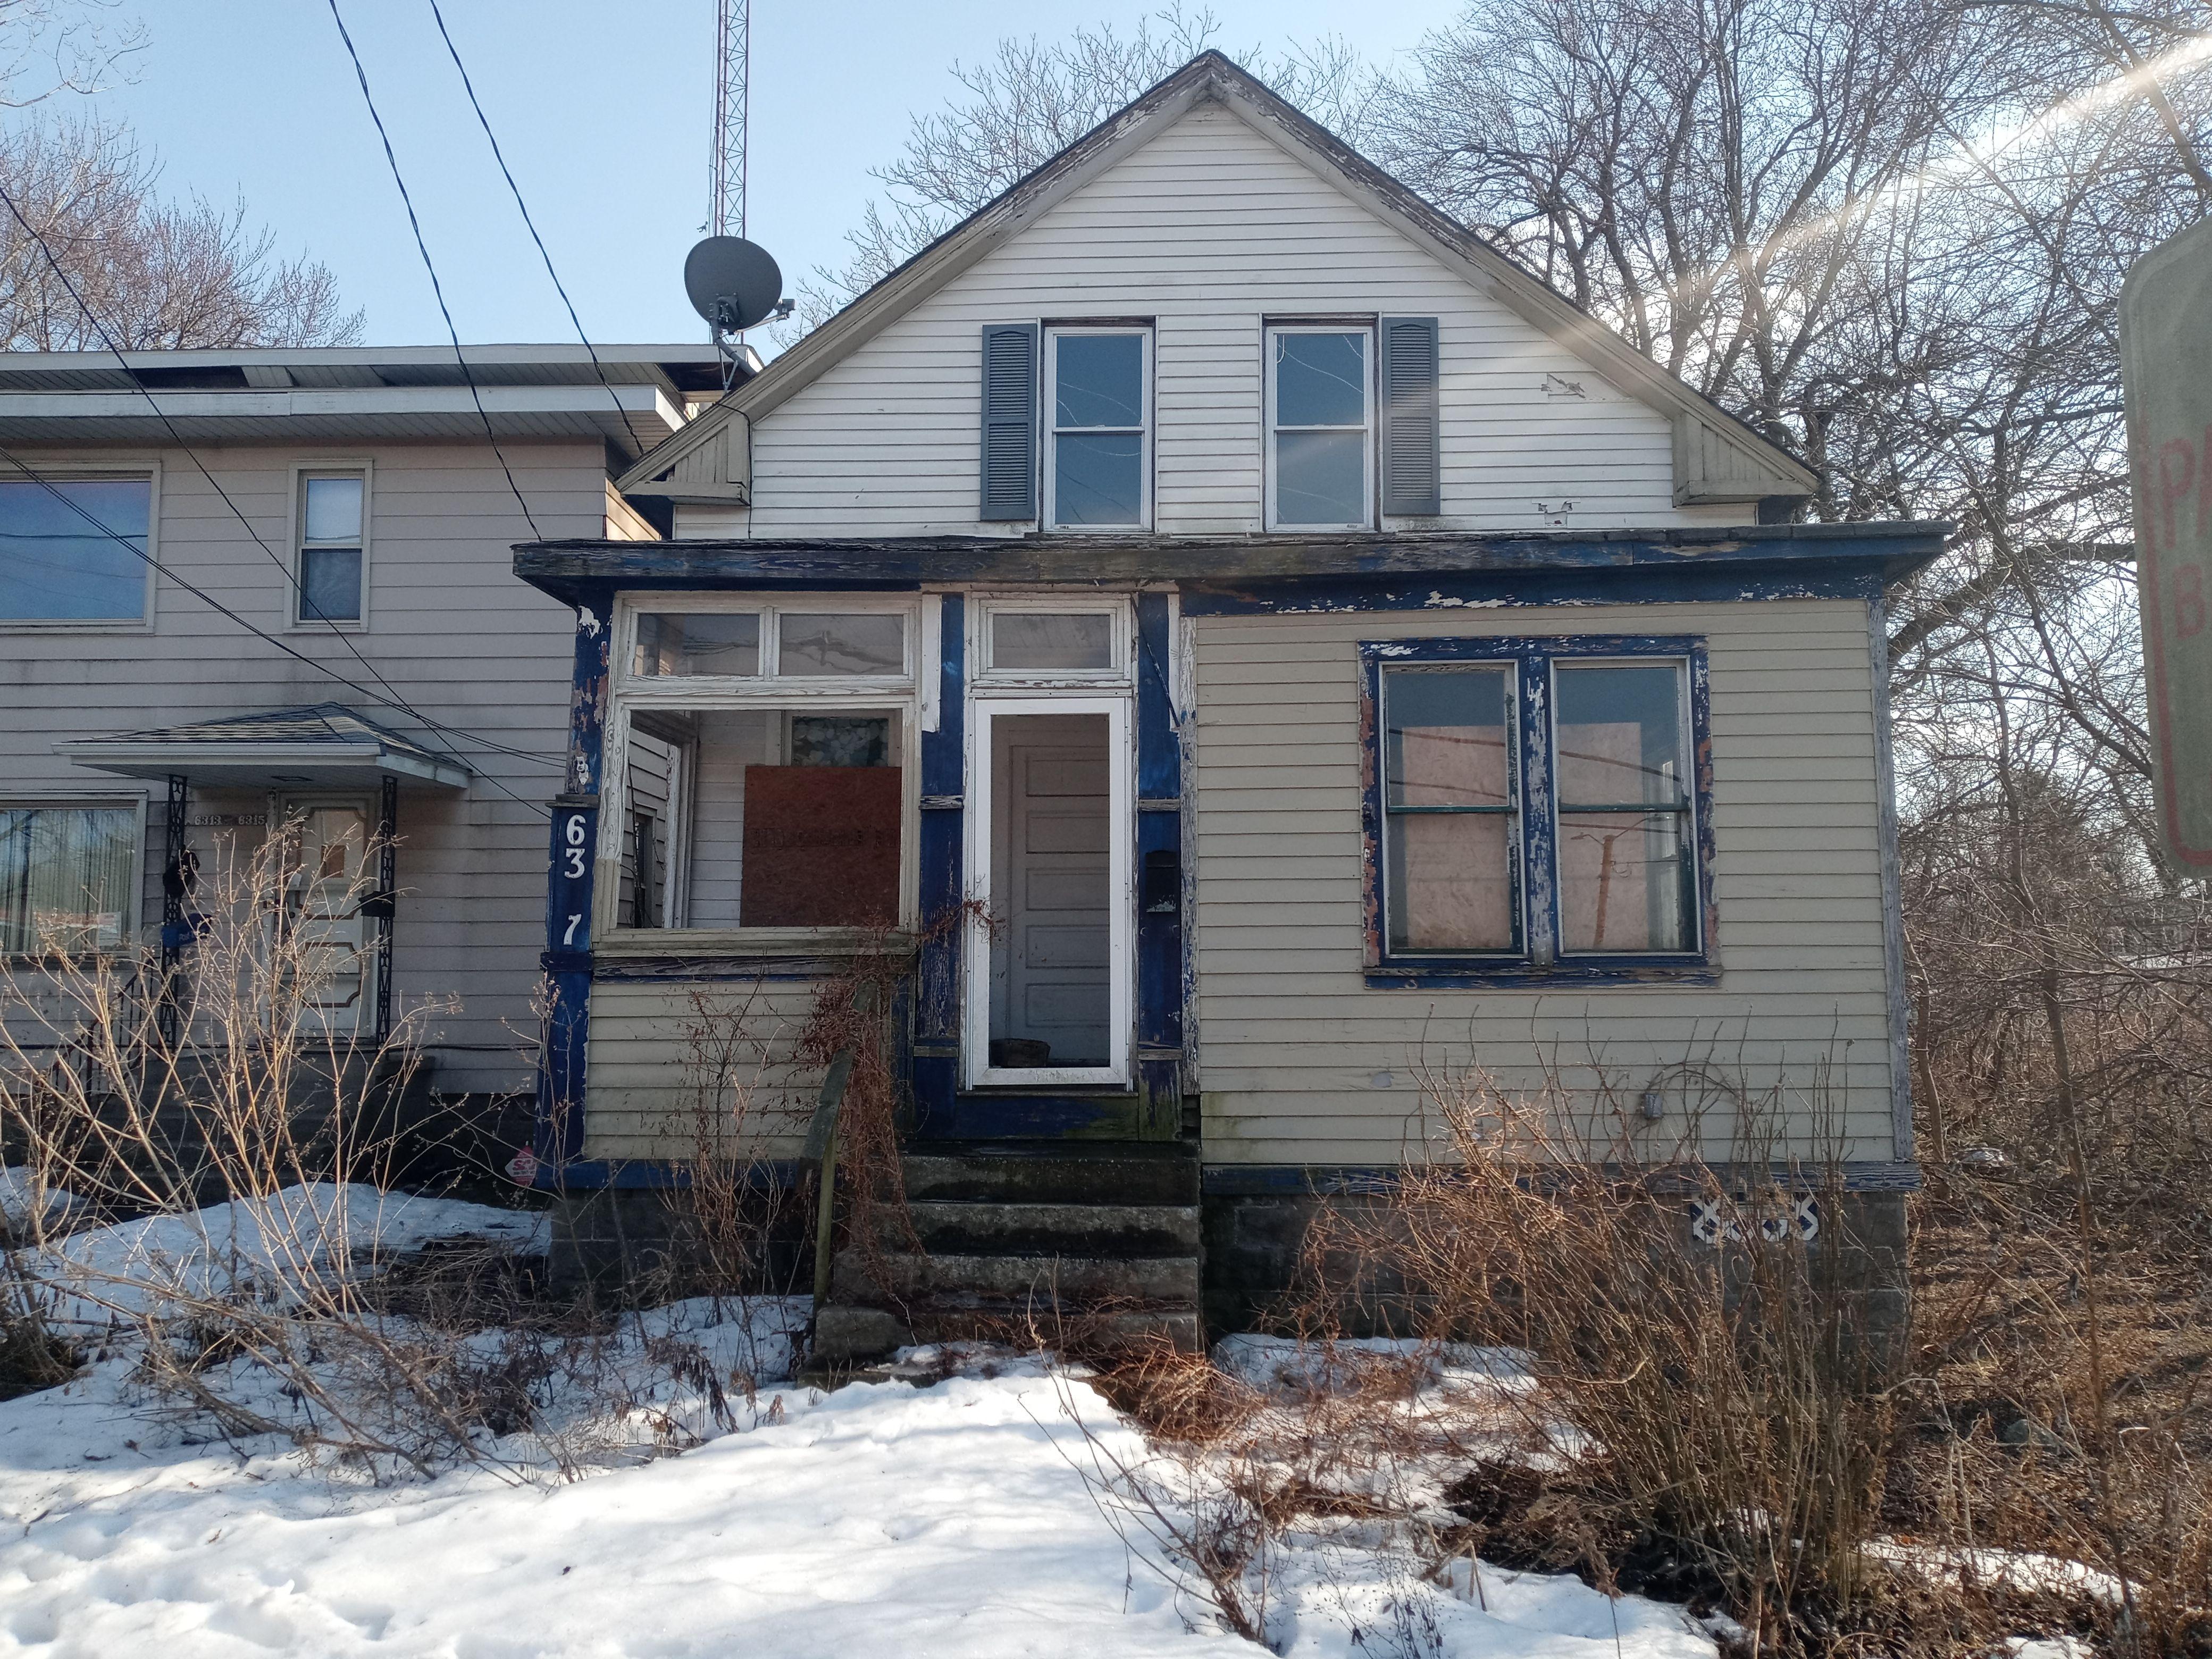 6307 Miller Ave, Gary, IN